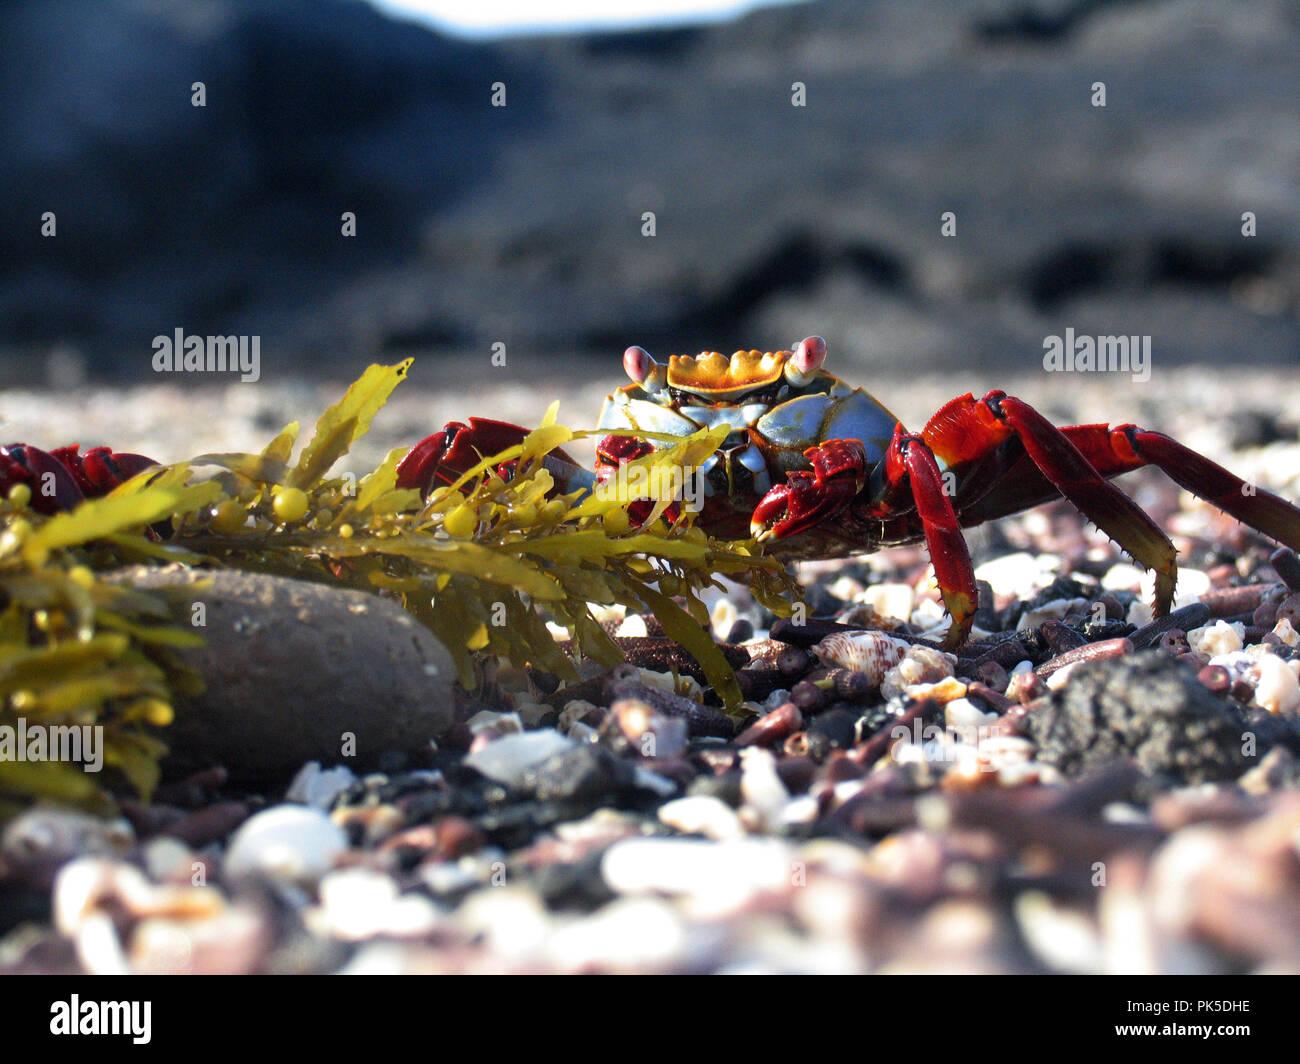 Cangrejos Sally Lightfoot Grapsus grapsus Islas Galápagos han desarrollado algunas de las más singulares formas de vida sobre el planeta, altamente adaptados a la hars Imagen De Stock